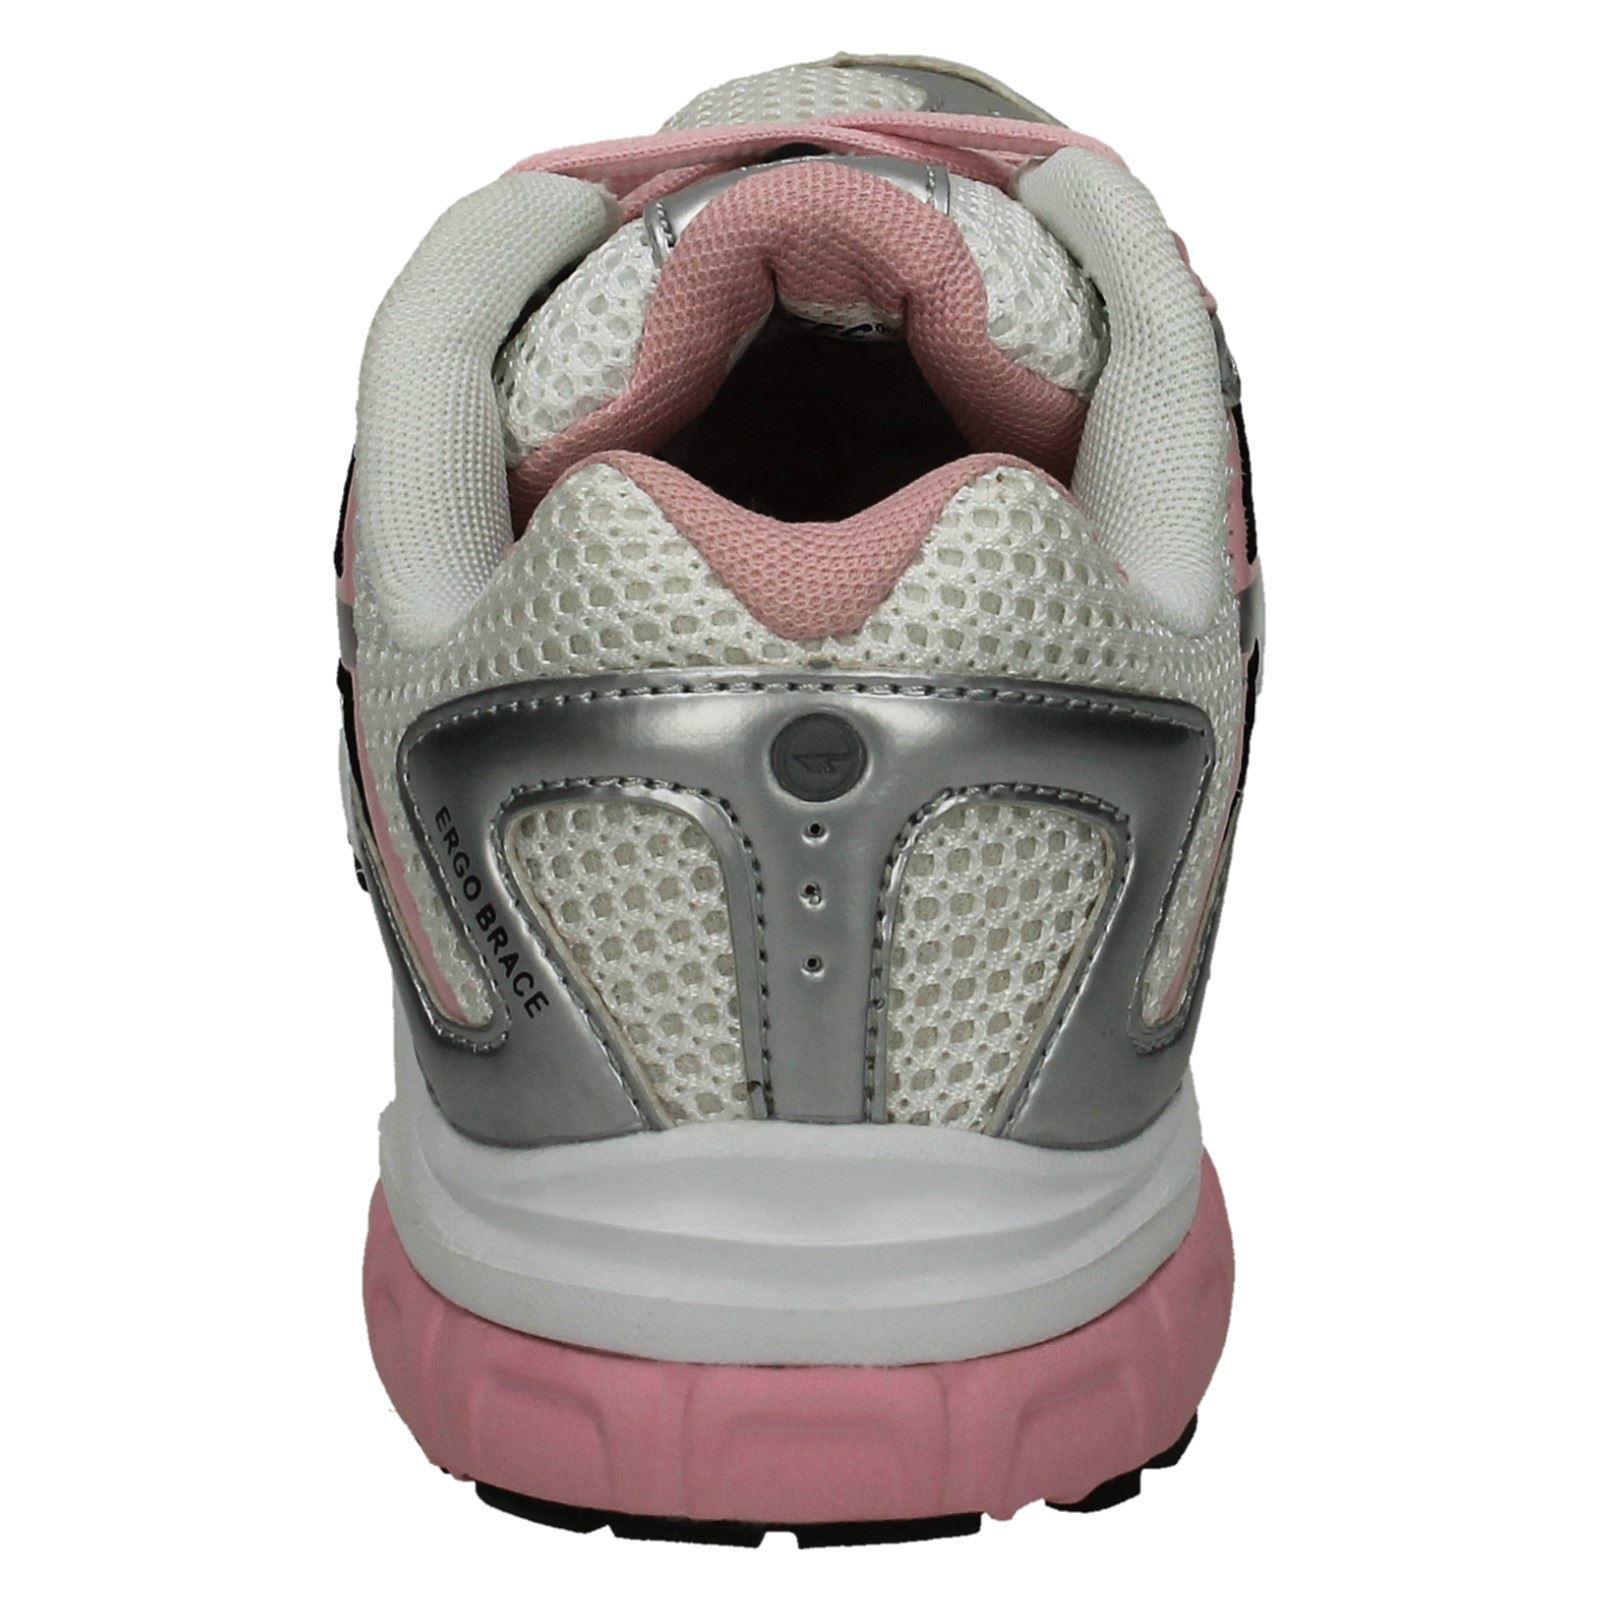 Femmes Hi-Tec Décontracté Sporty Lacets Textile et synthétique baskets R157